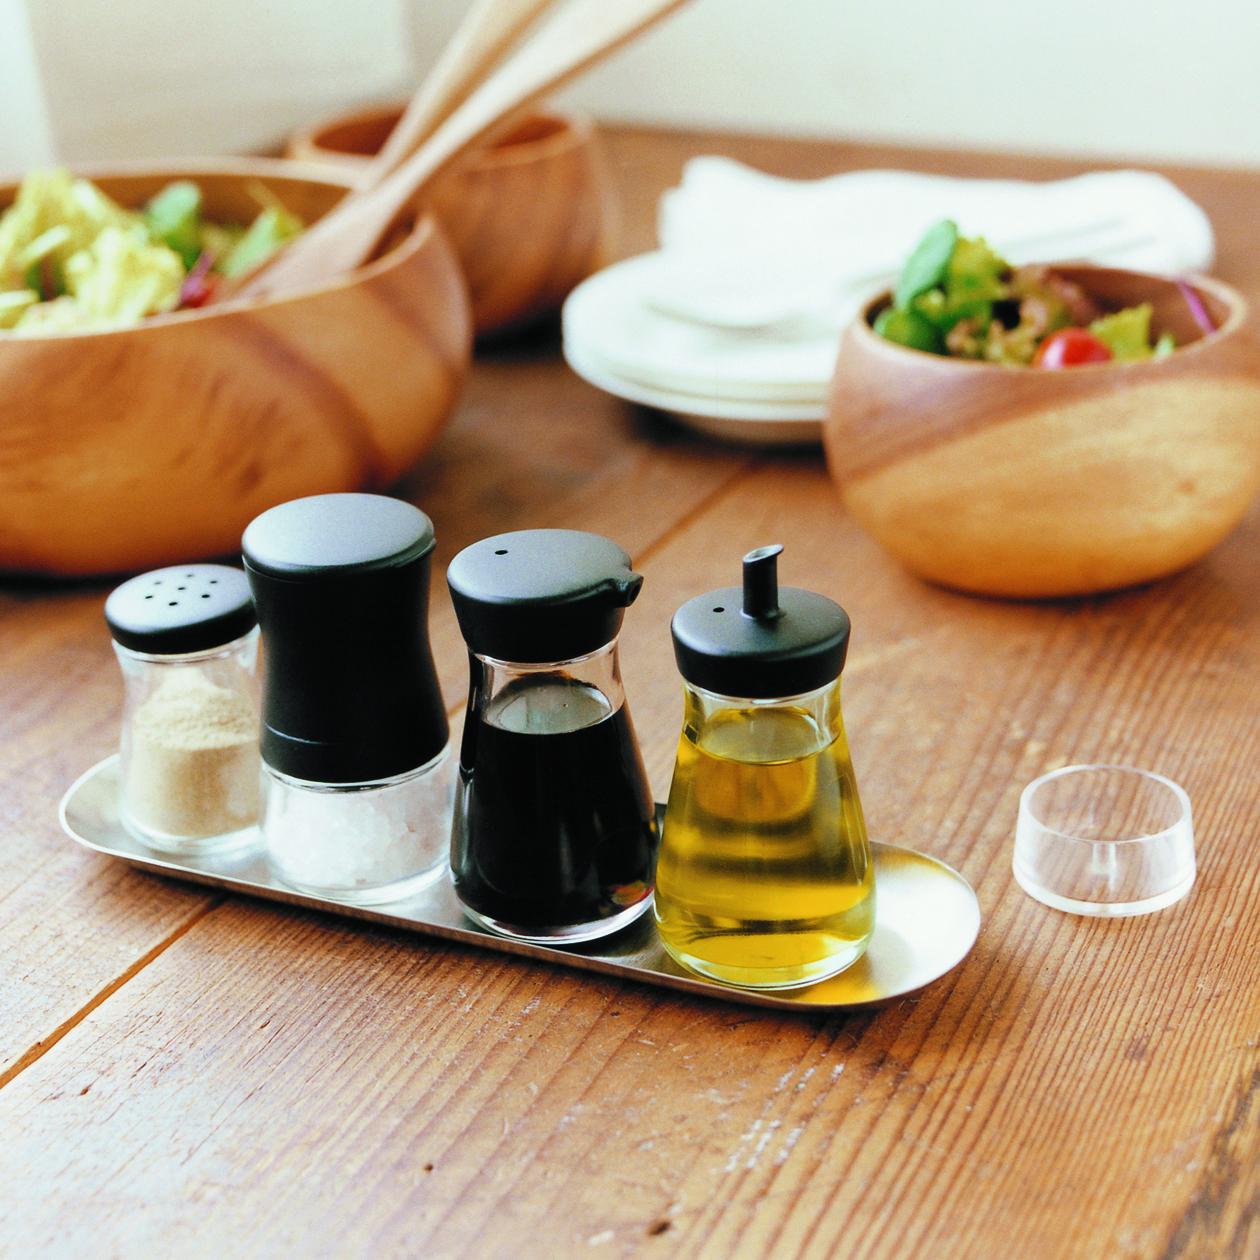 使うのが楽しくなる!かわいい卓上調味料容器のおすすめをご紹介のサムネイル画像